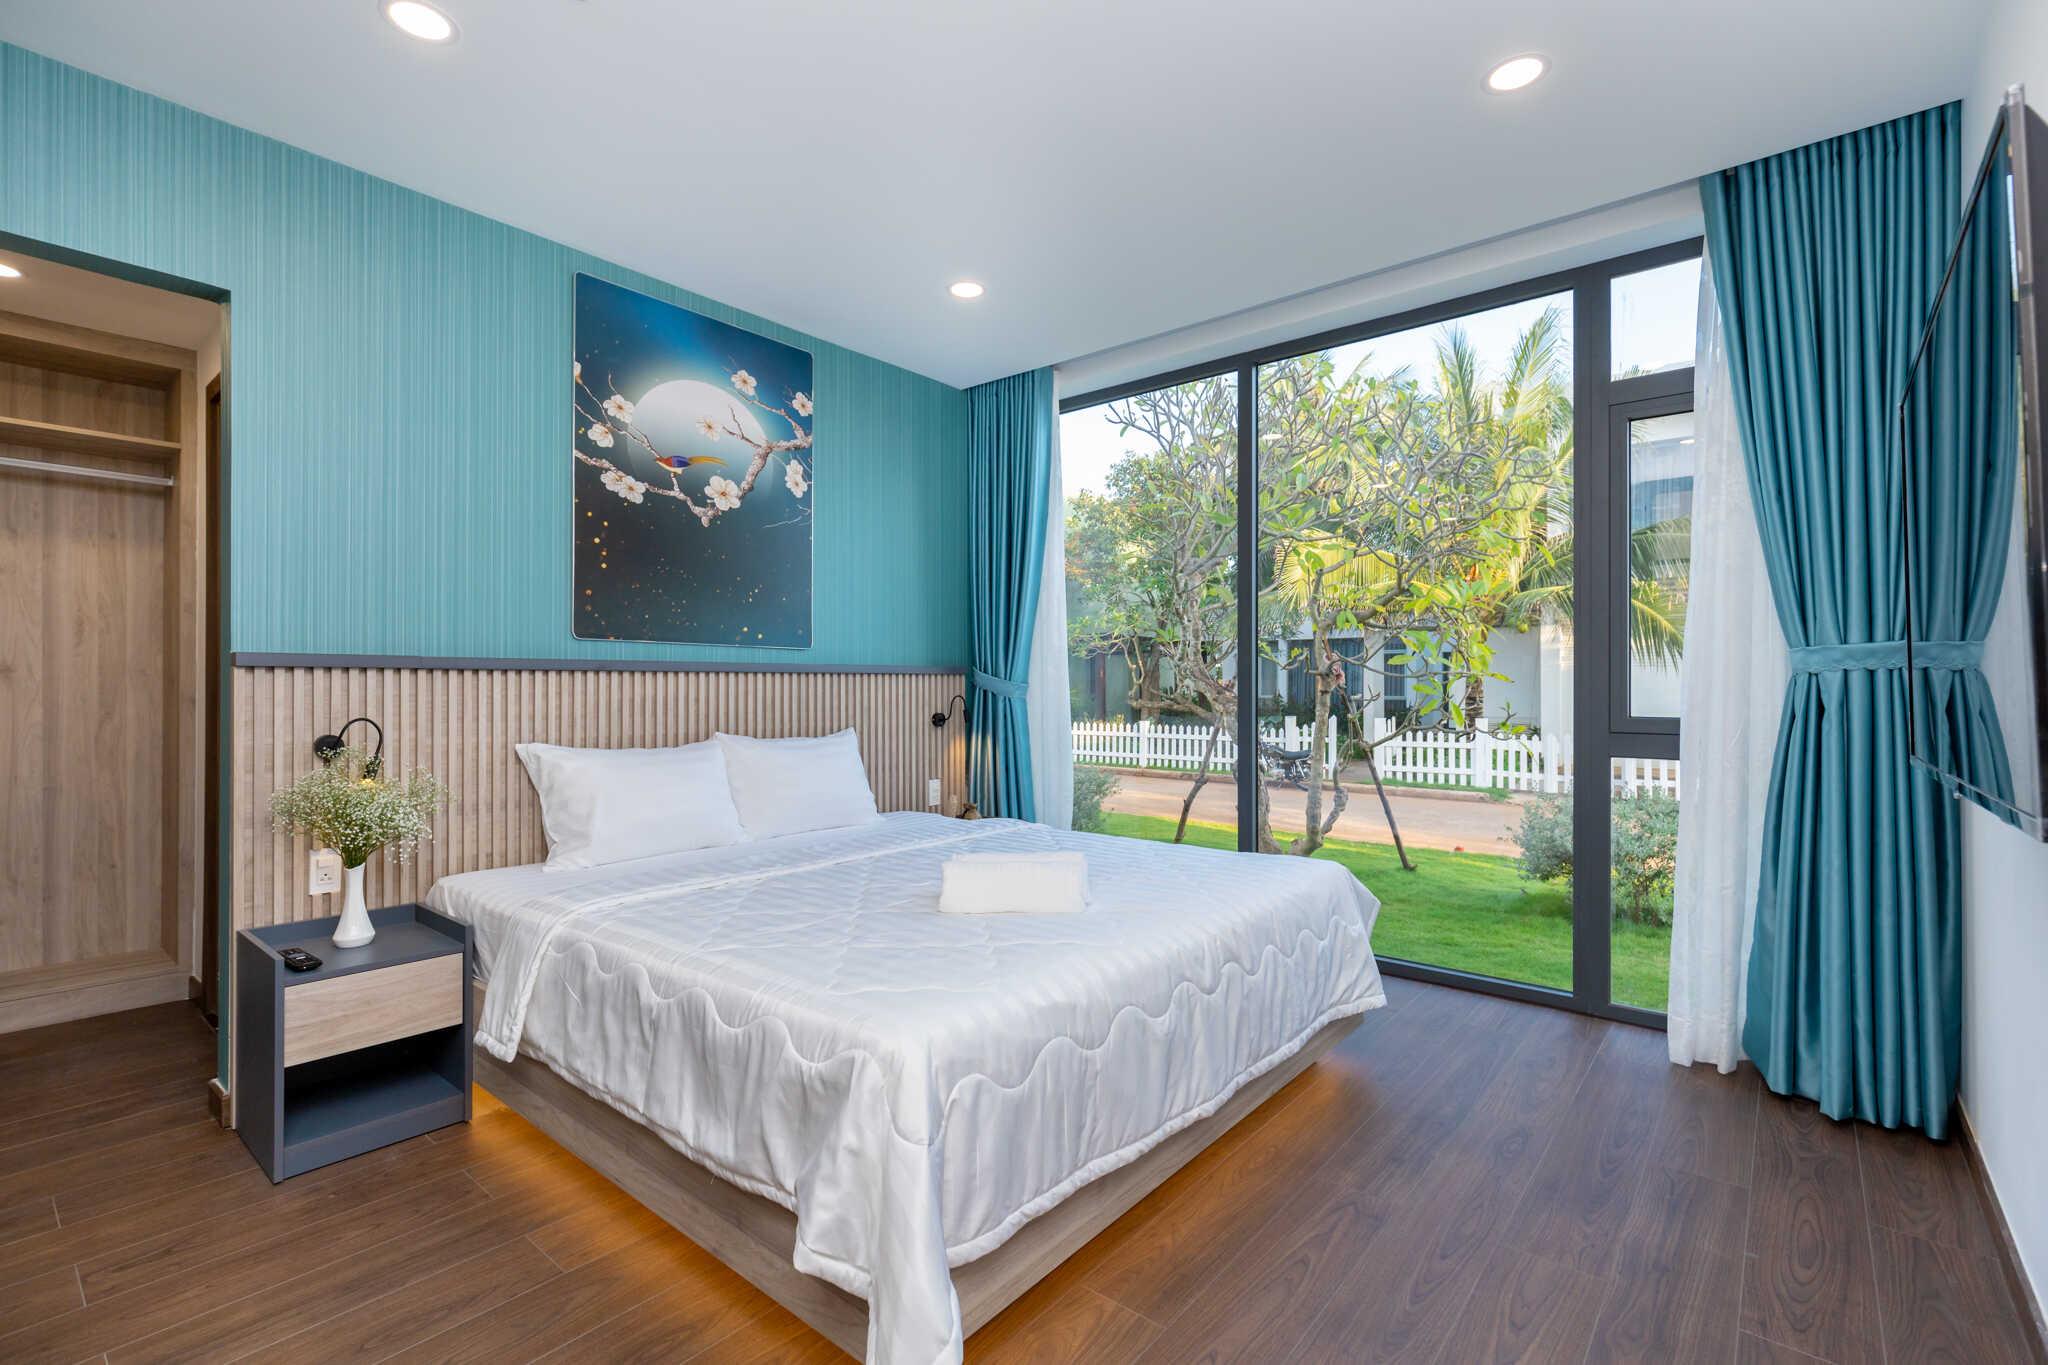 Hệ thống biệt thự villa Trần Duy có hồ bơi view đẹp nhất ở Vũng Tàu